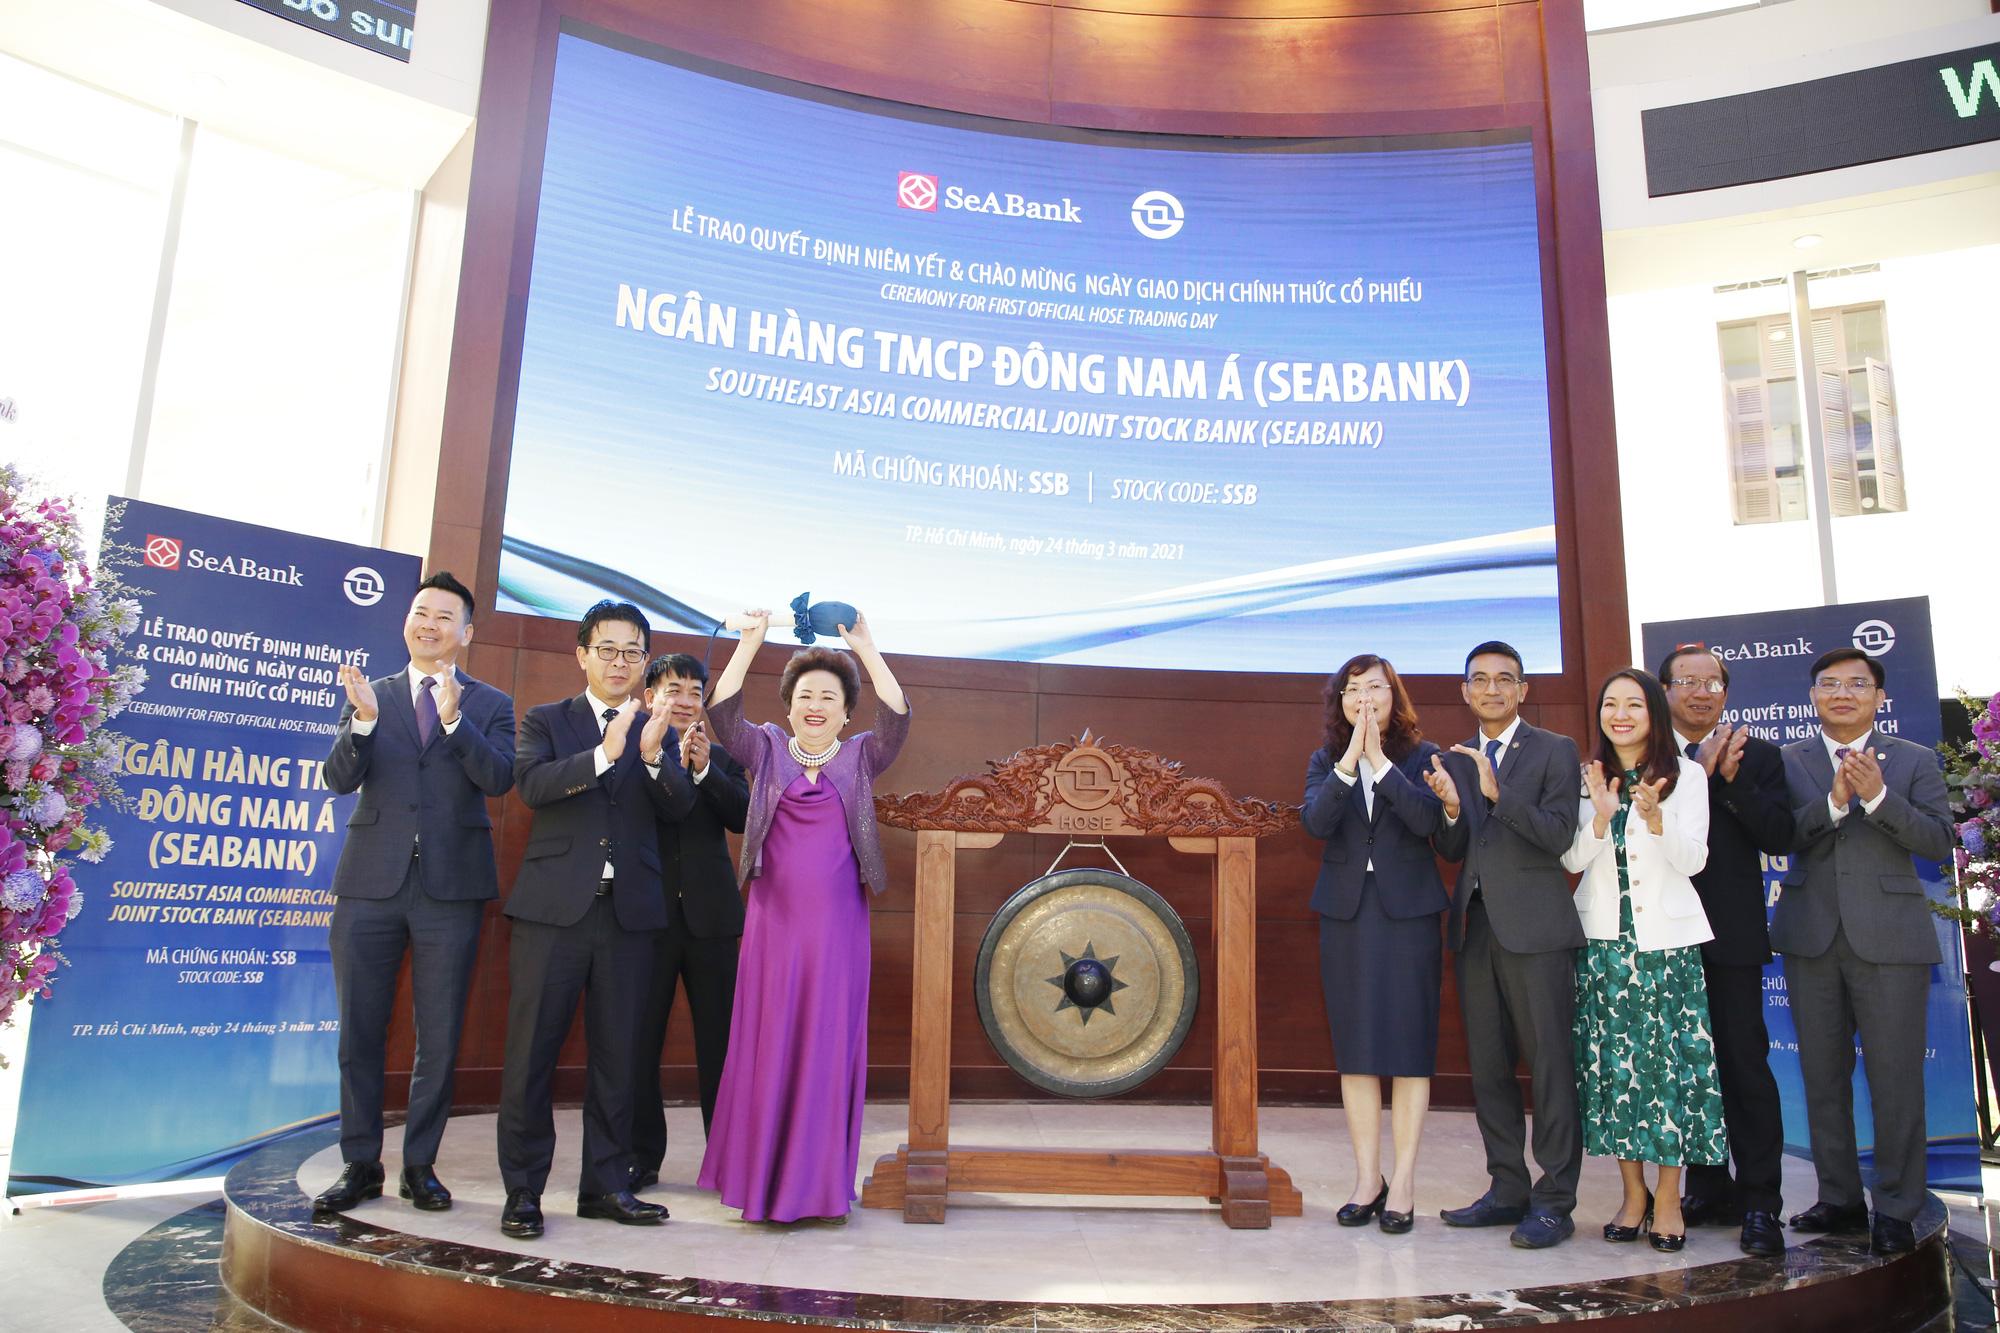 Hơn 1,2 tỷ cổ phiếu SeABank chính thức giao dịch trên sàn chứng khoán, vốn hóa vượt 1 tỷ USD sau phiên ATO - Ảnh 2.